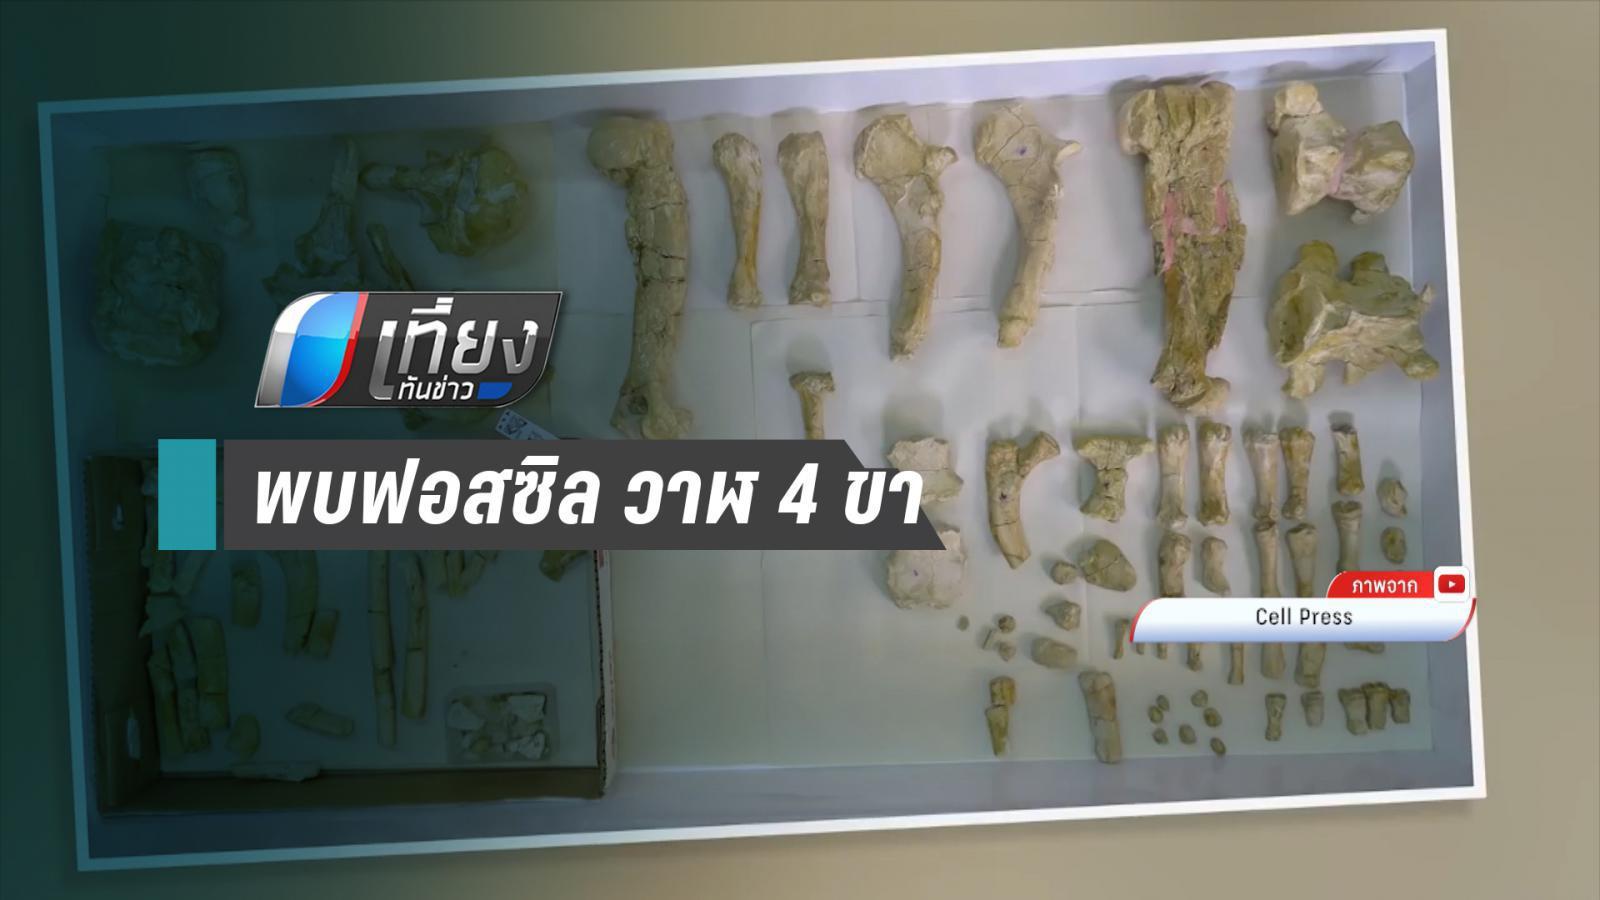 พบฟอสซิล วาฬ 4 ขา อายุ 43 ล้านปี